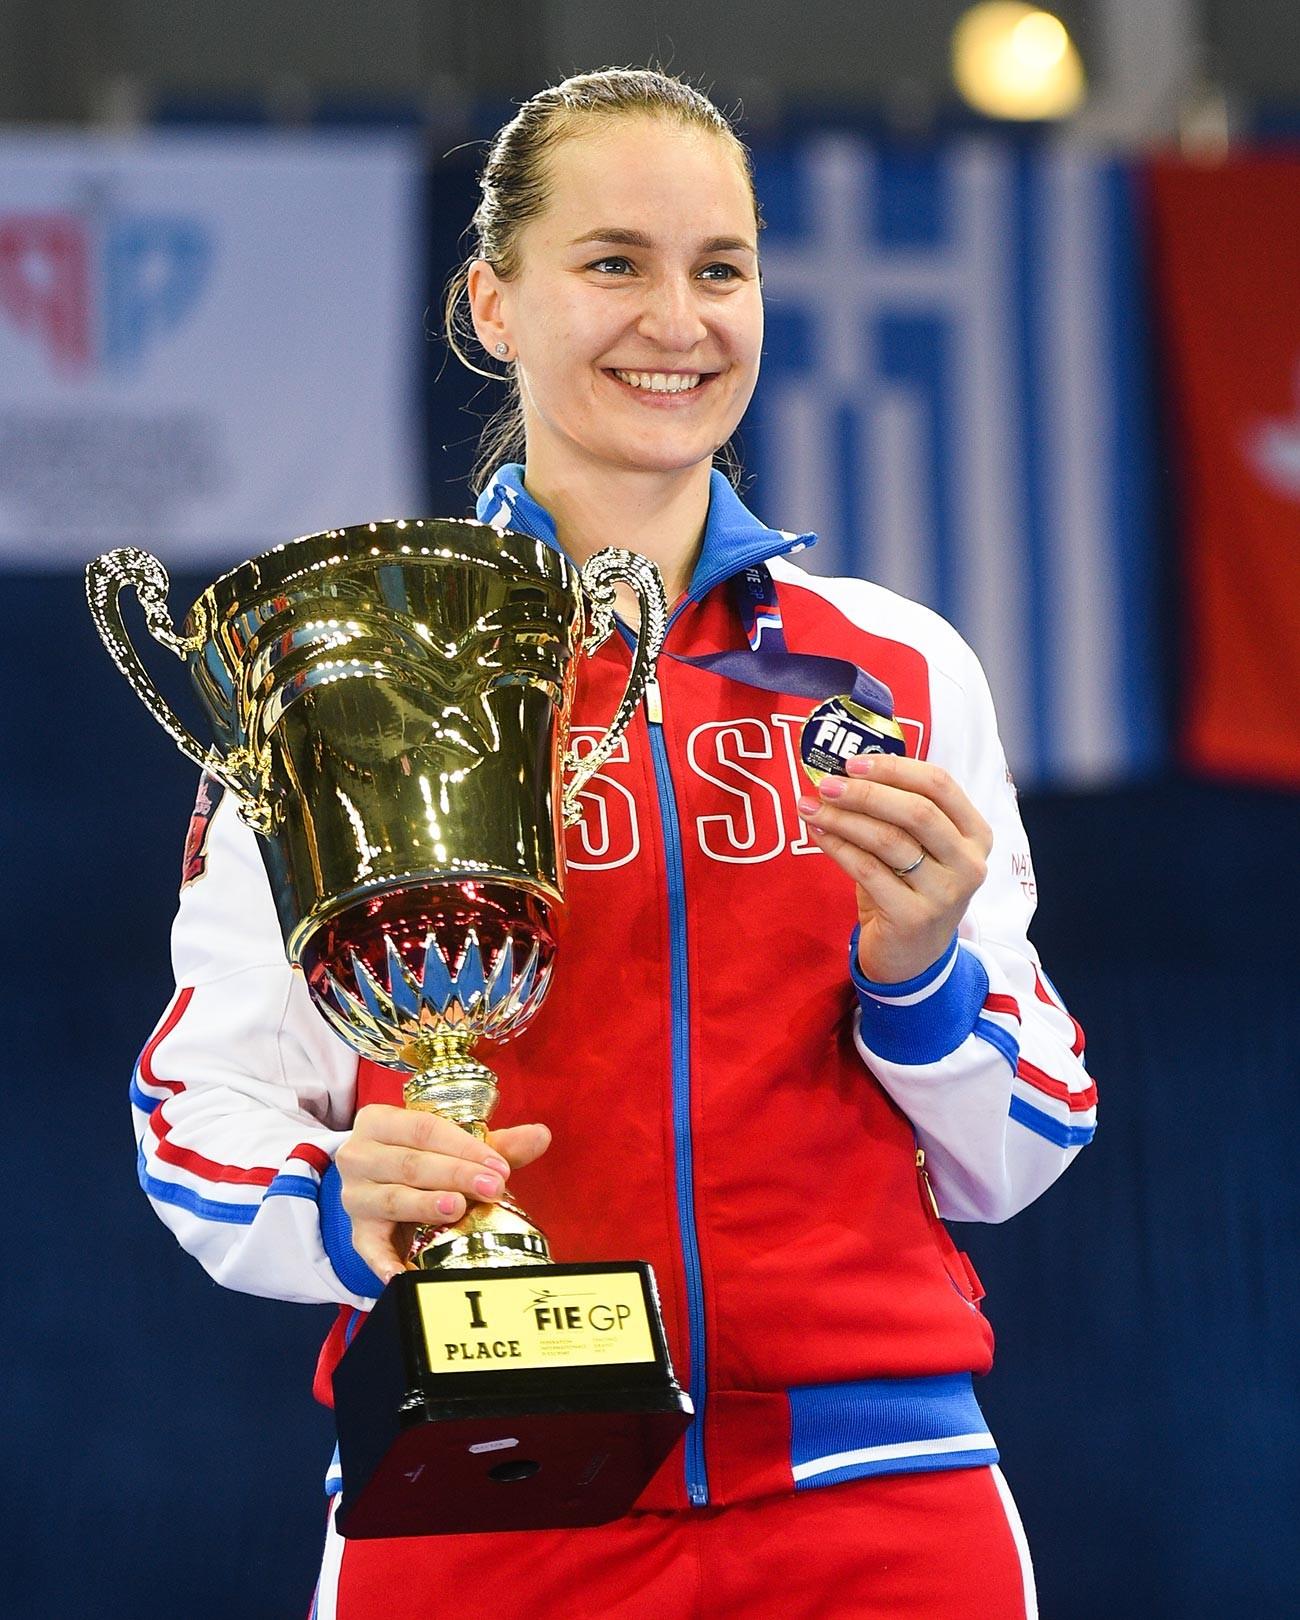 Die Gewinnerin im Wettbewerb der persönlichen Meisterschaft der Frauen beim internationalen Fechtturnier Moskauer Säbel - 2019 Sofia Welikaja.